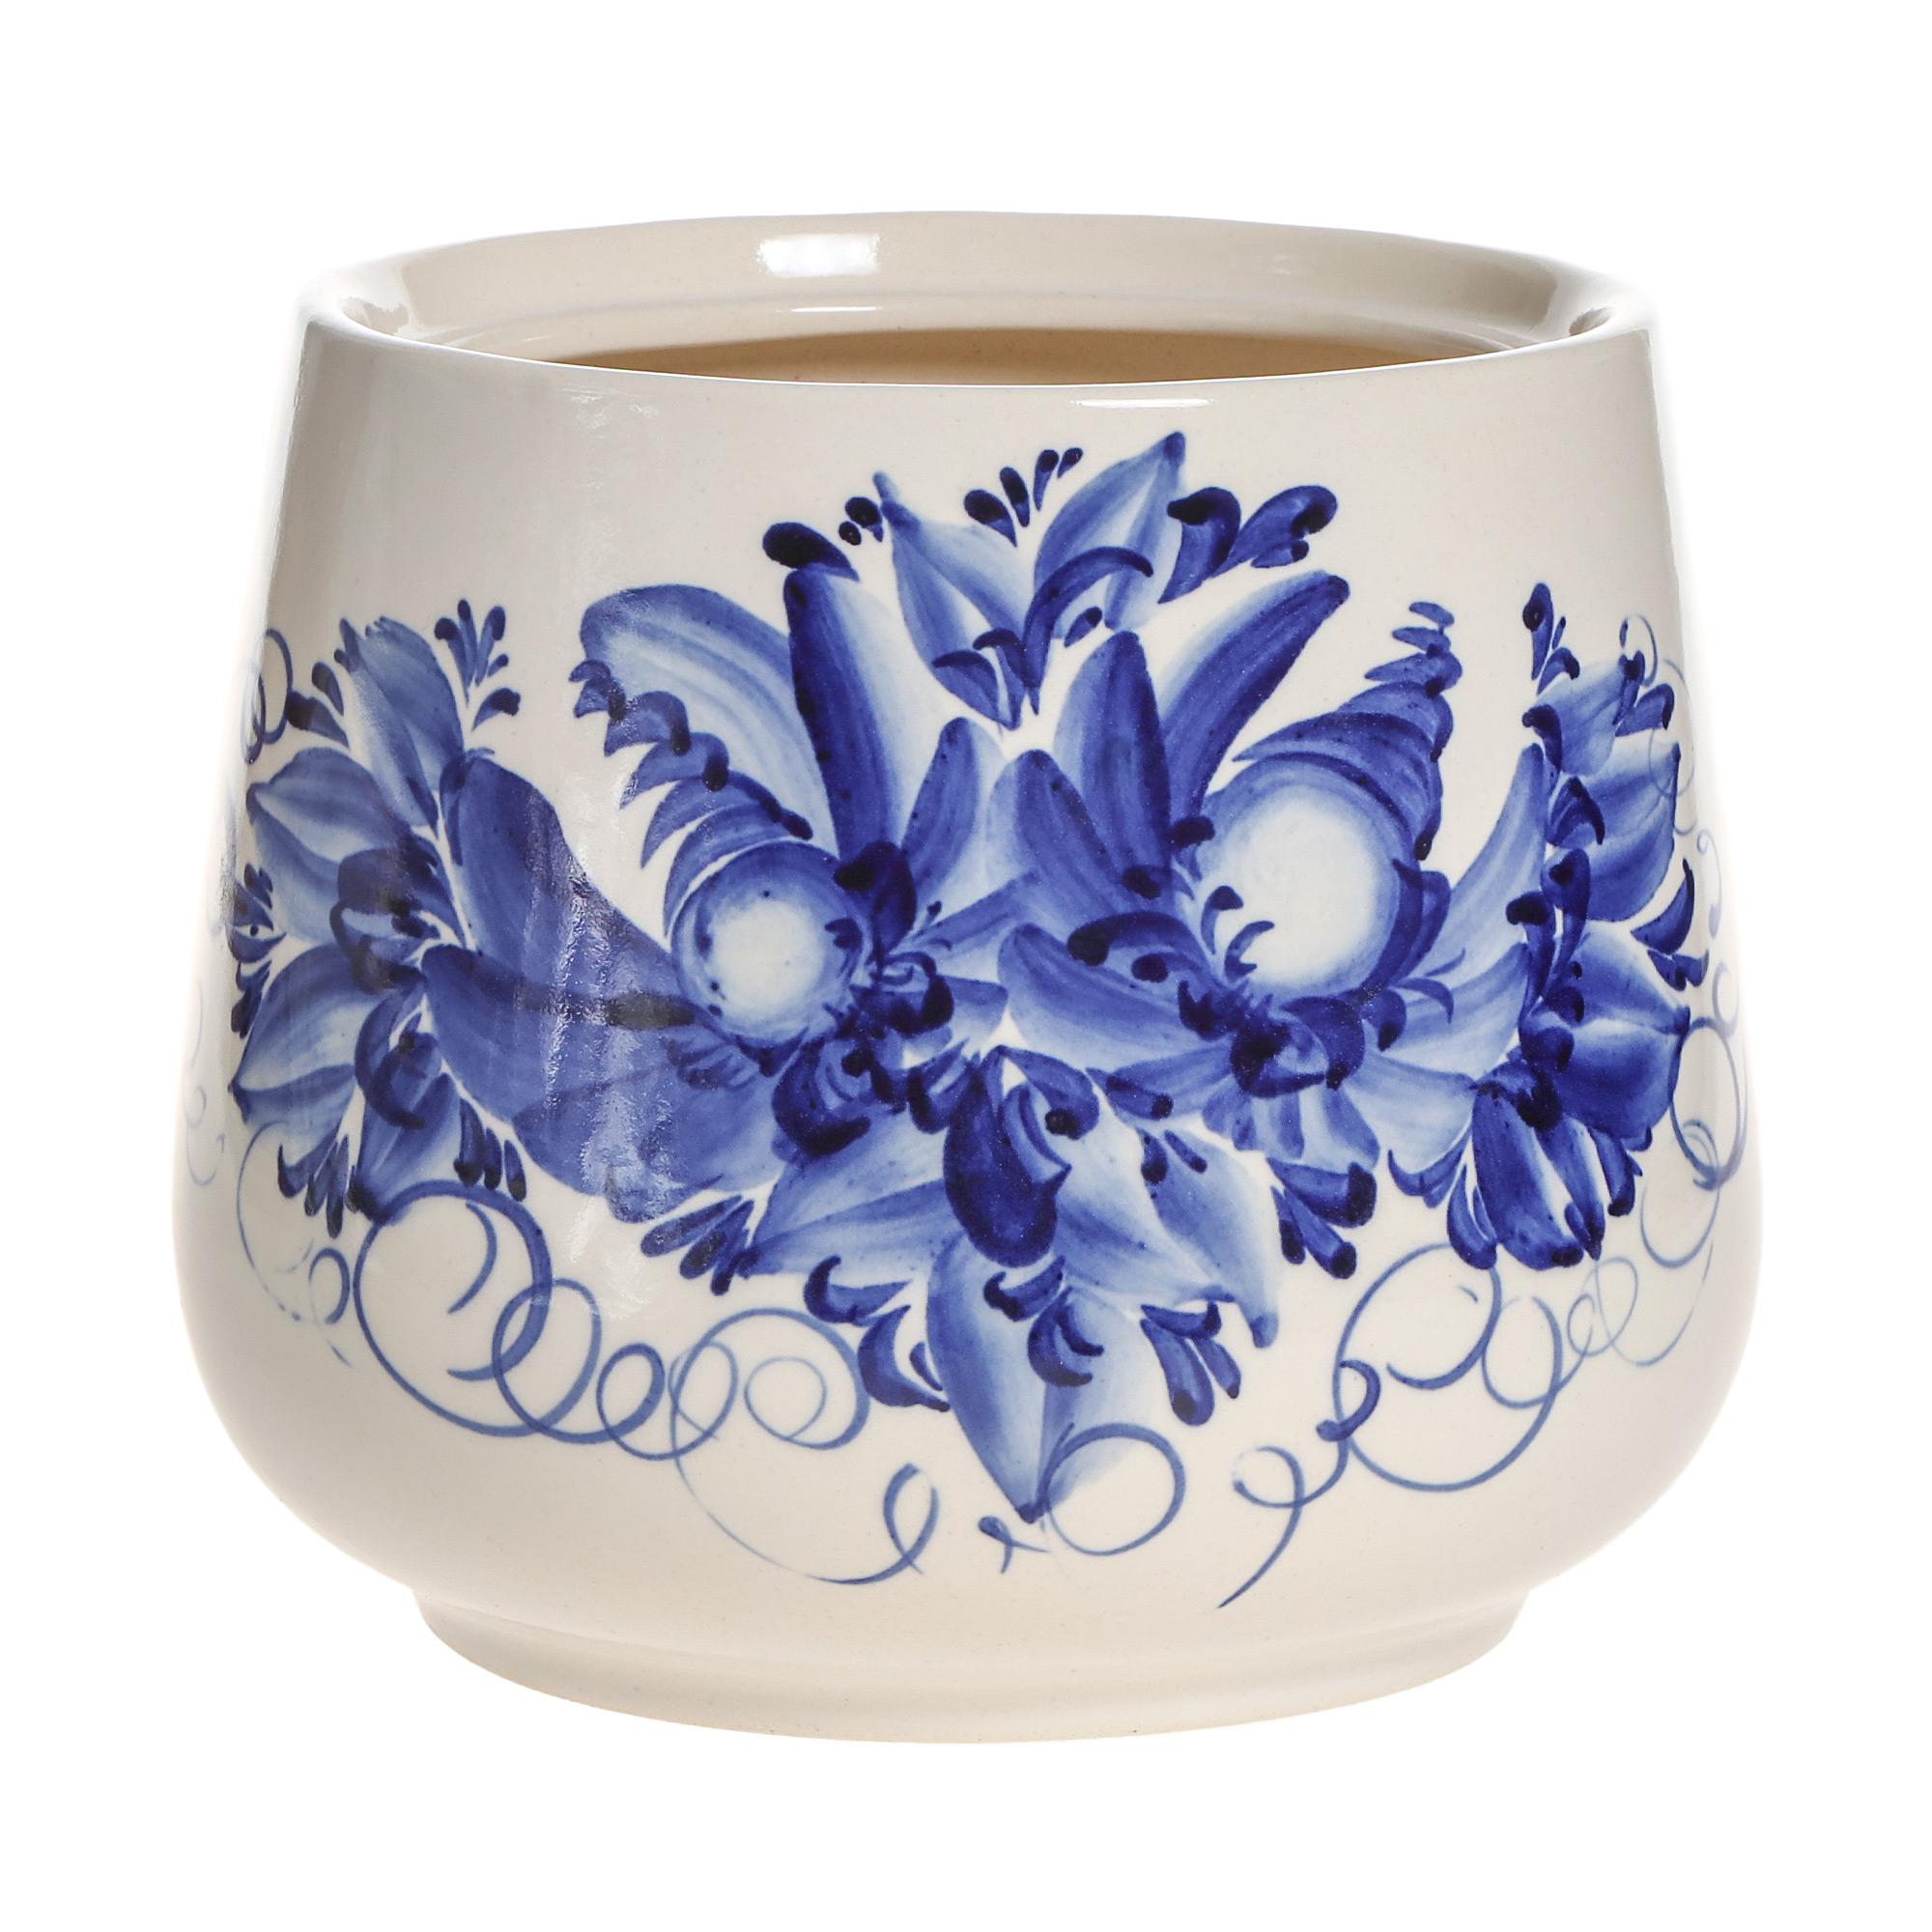 Горшки для цветов декоративные Гончар Скарлет №2 (синий цветок) 22 см